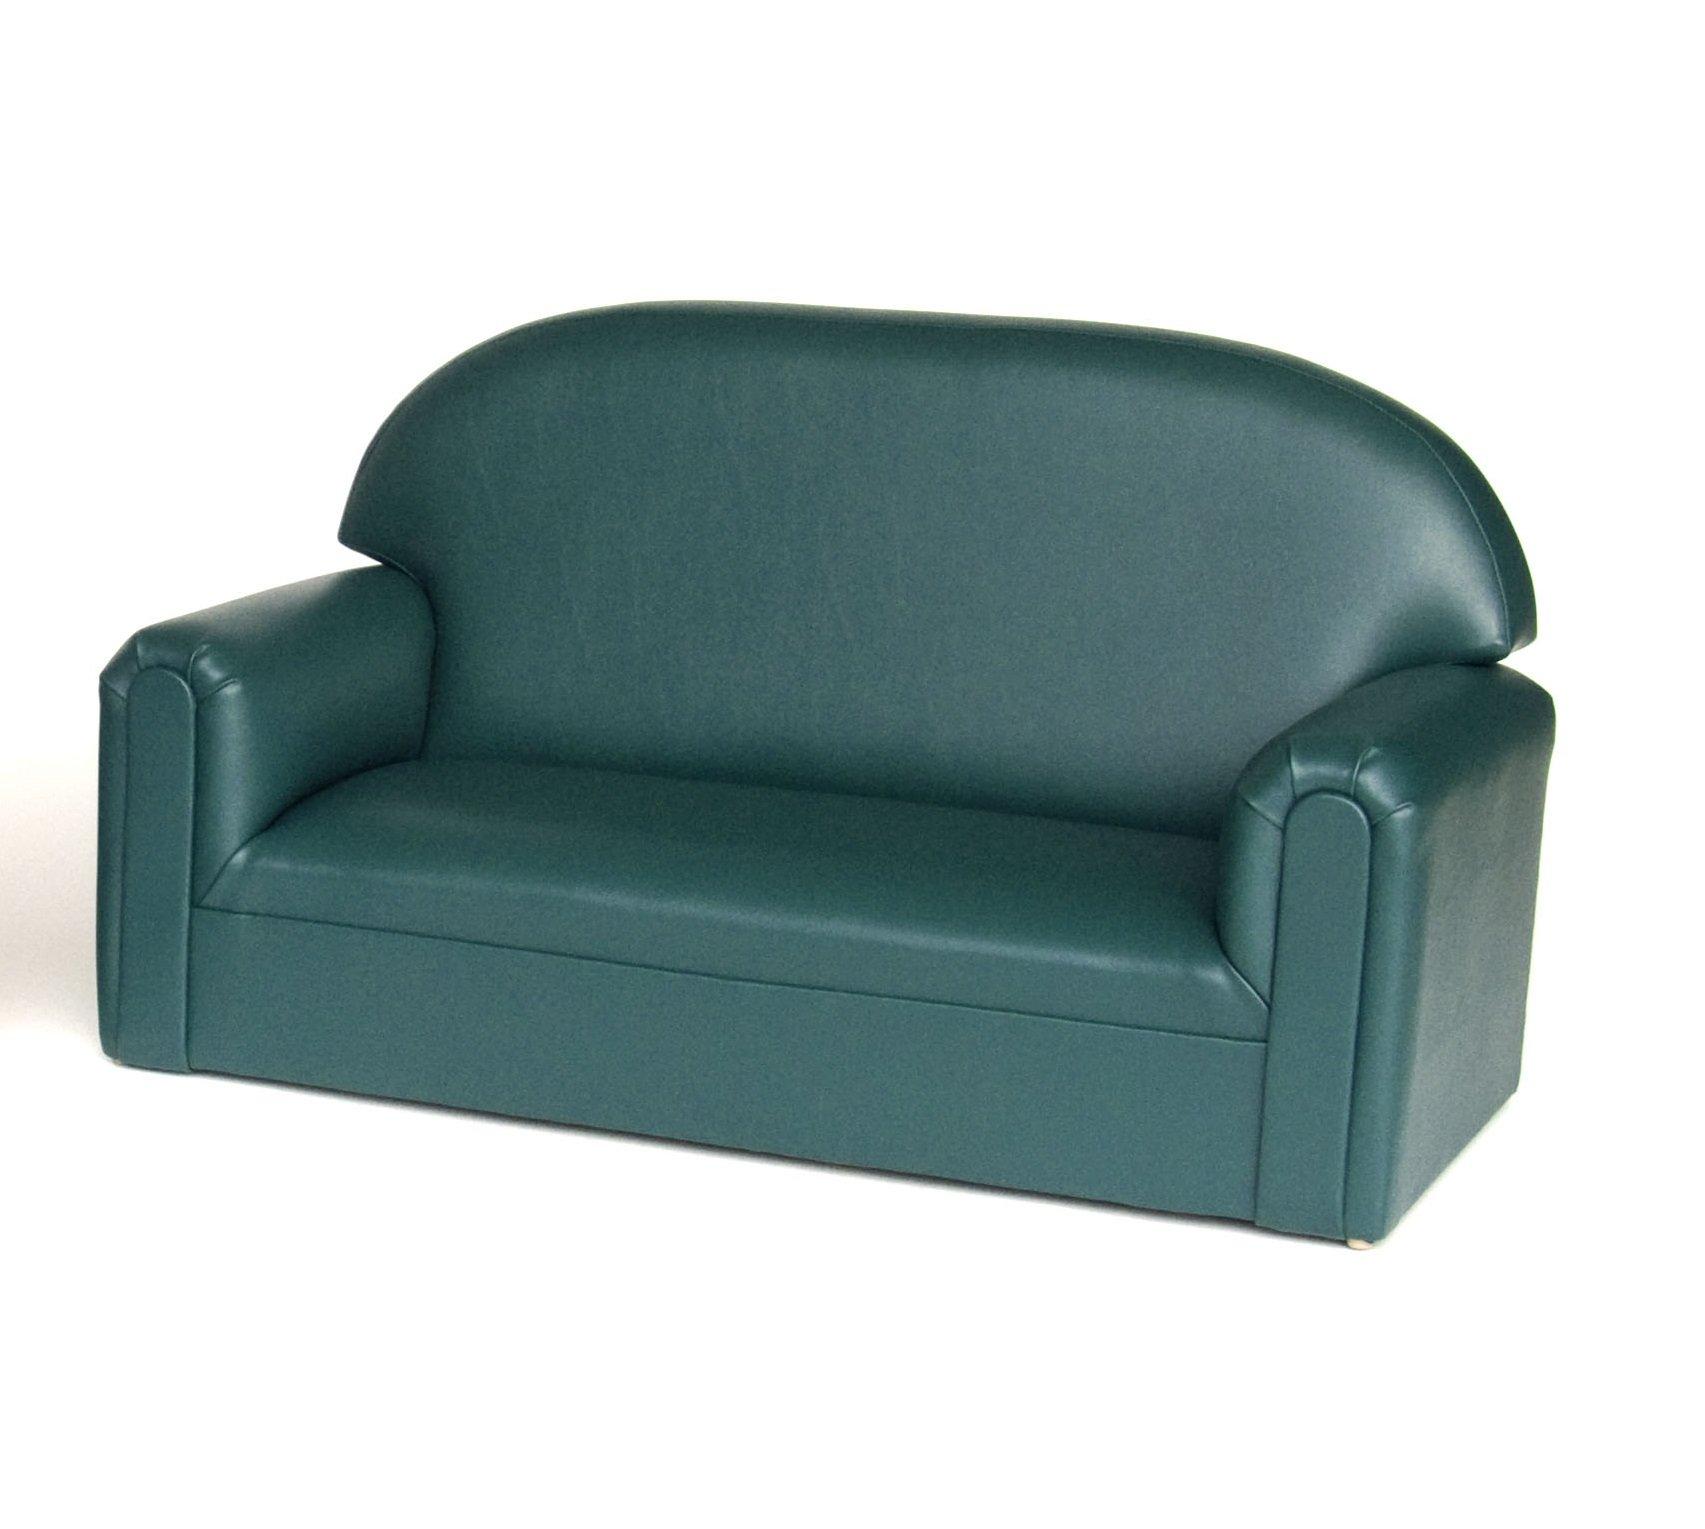 Brand New World Furniture FIVT100 Toddler Premium Vinyl Upholstery Sofa, Teal